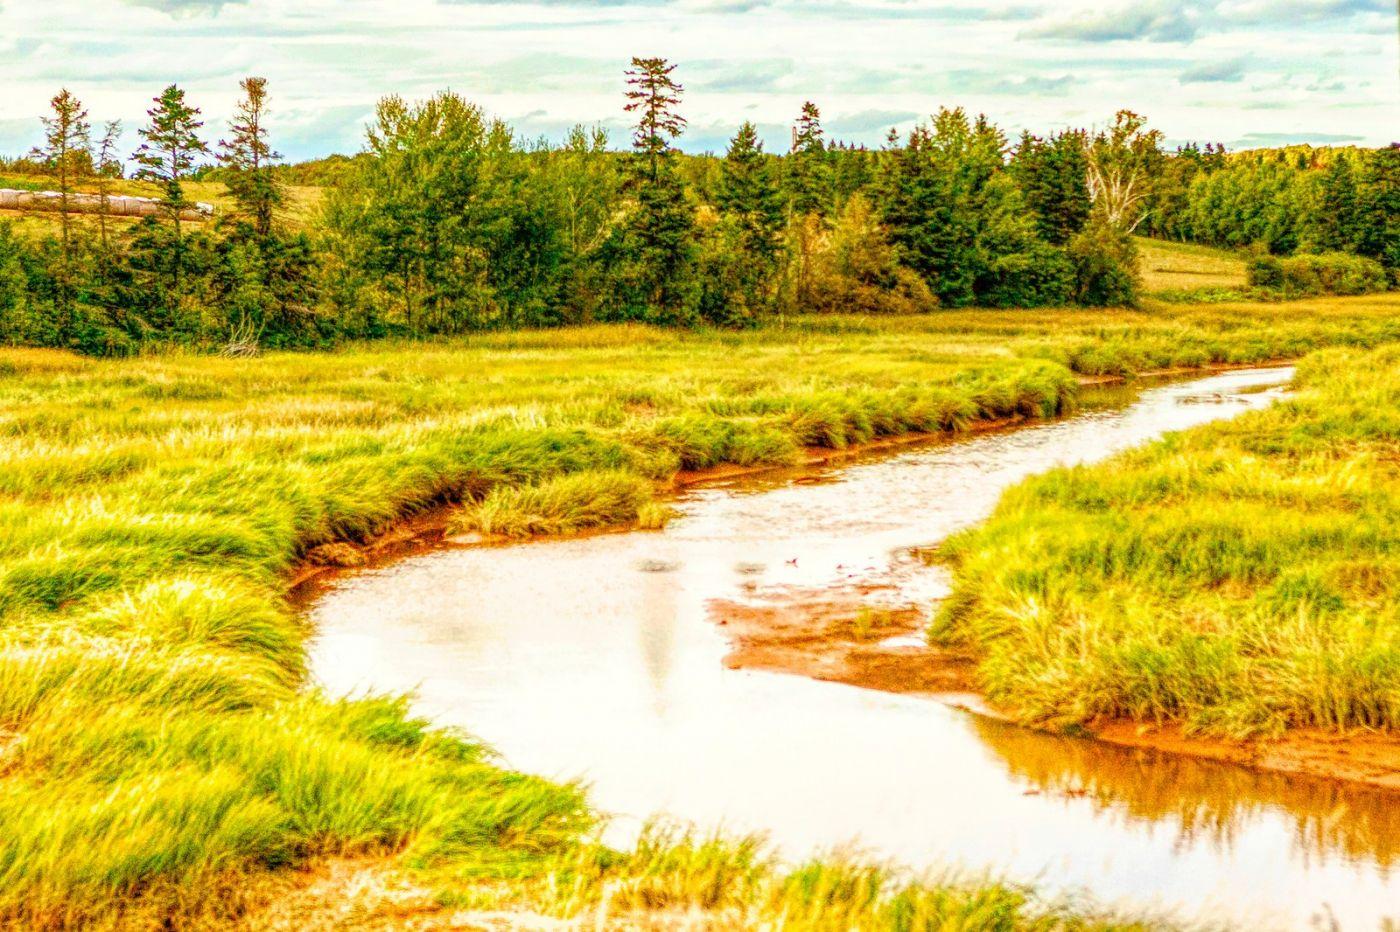 加拿大路途,水边抓拍_图1-27